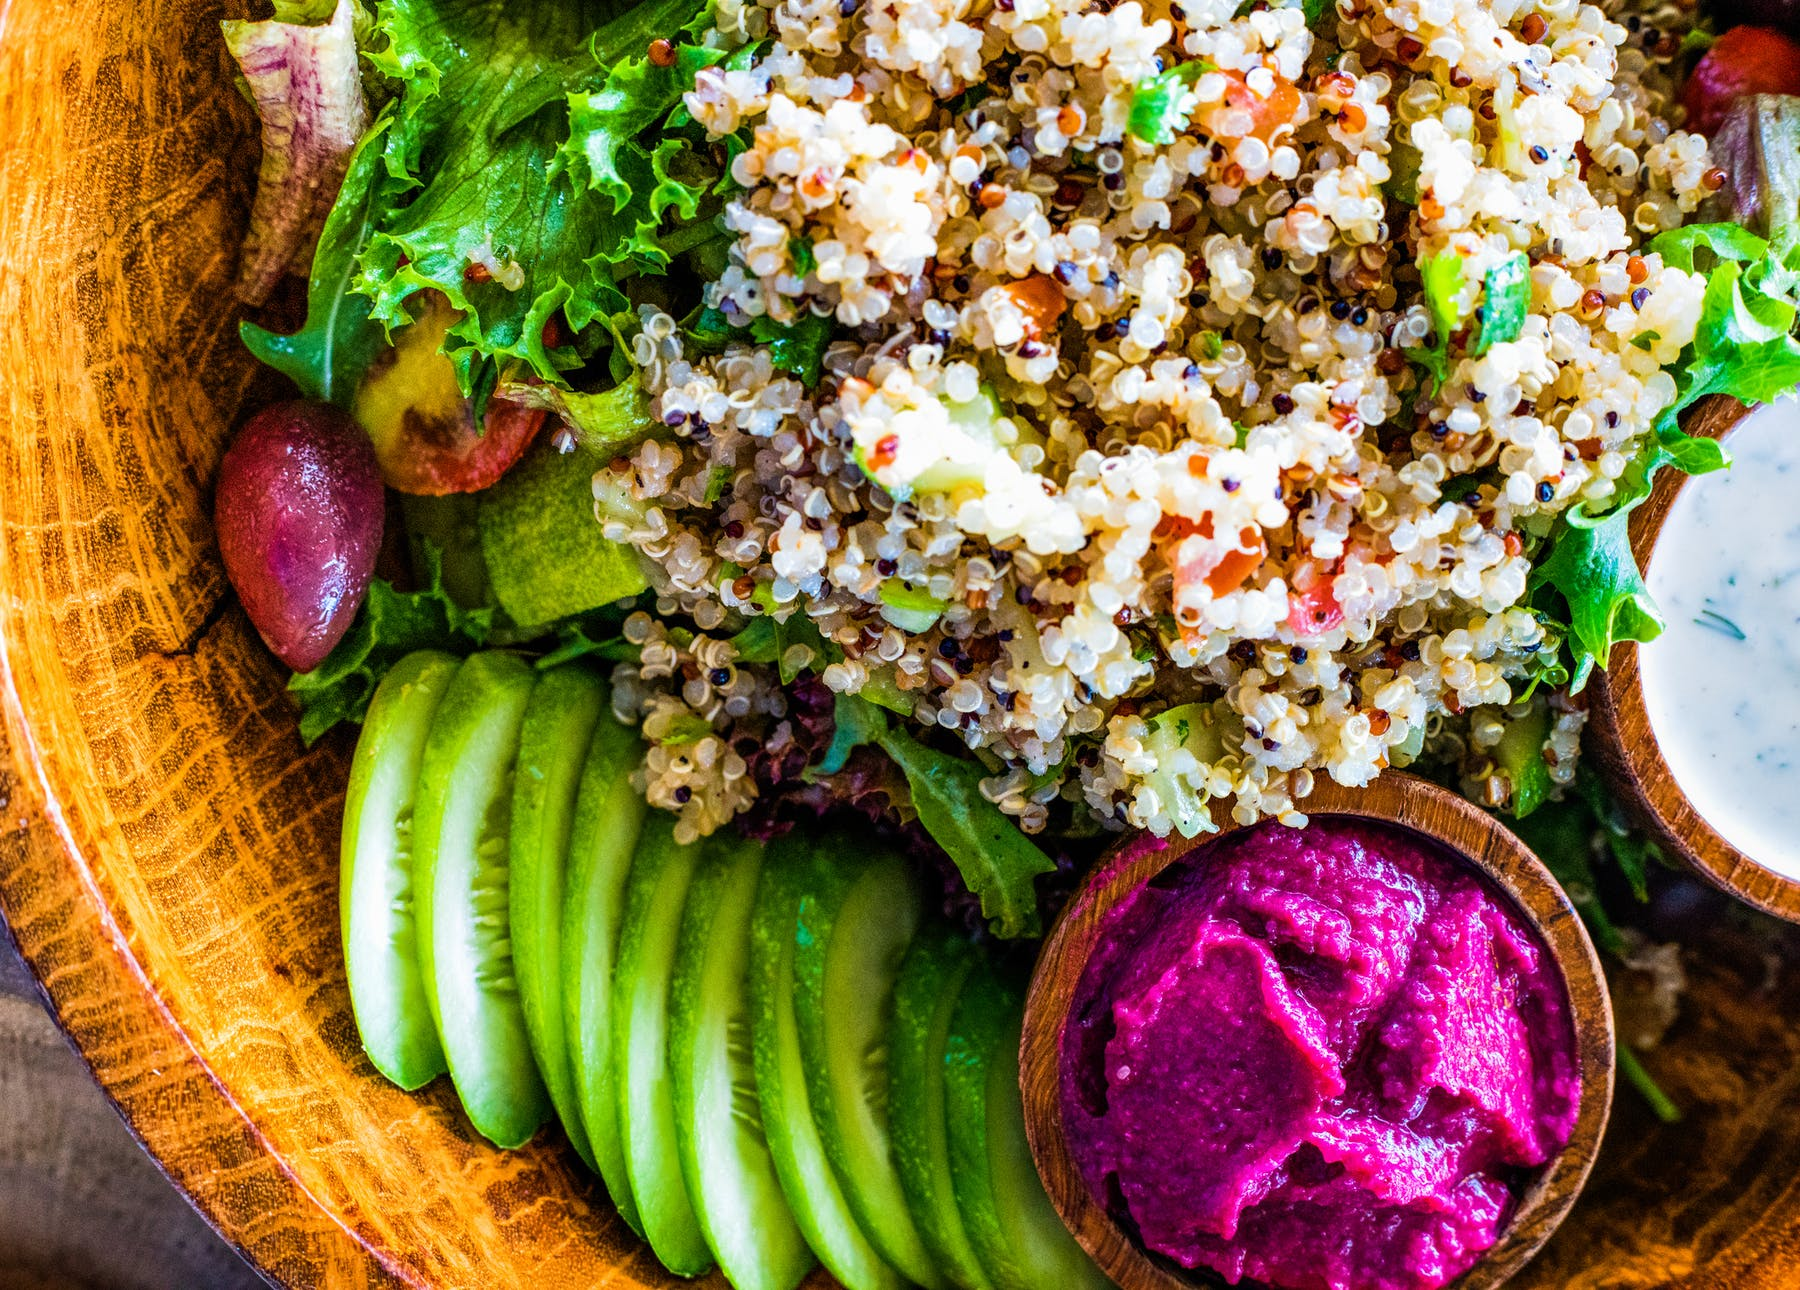 a close up of a salad